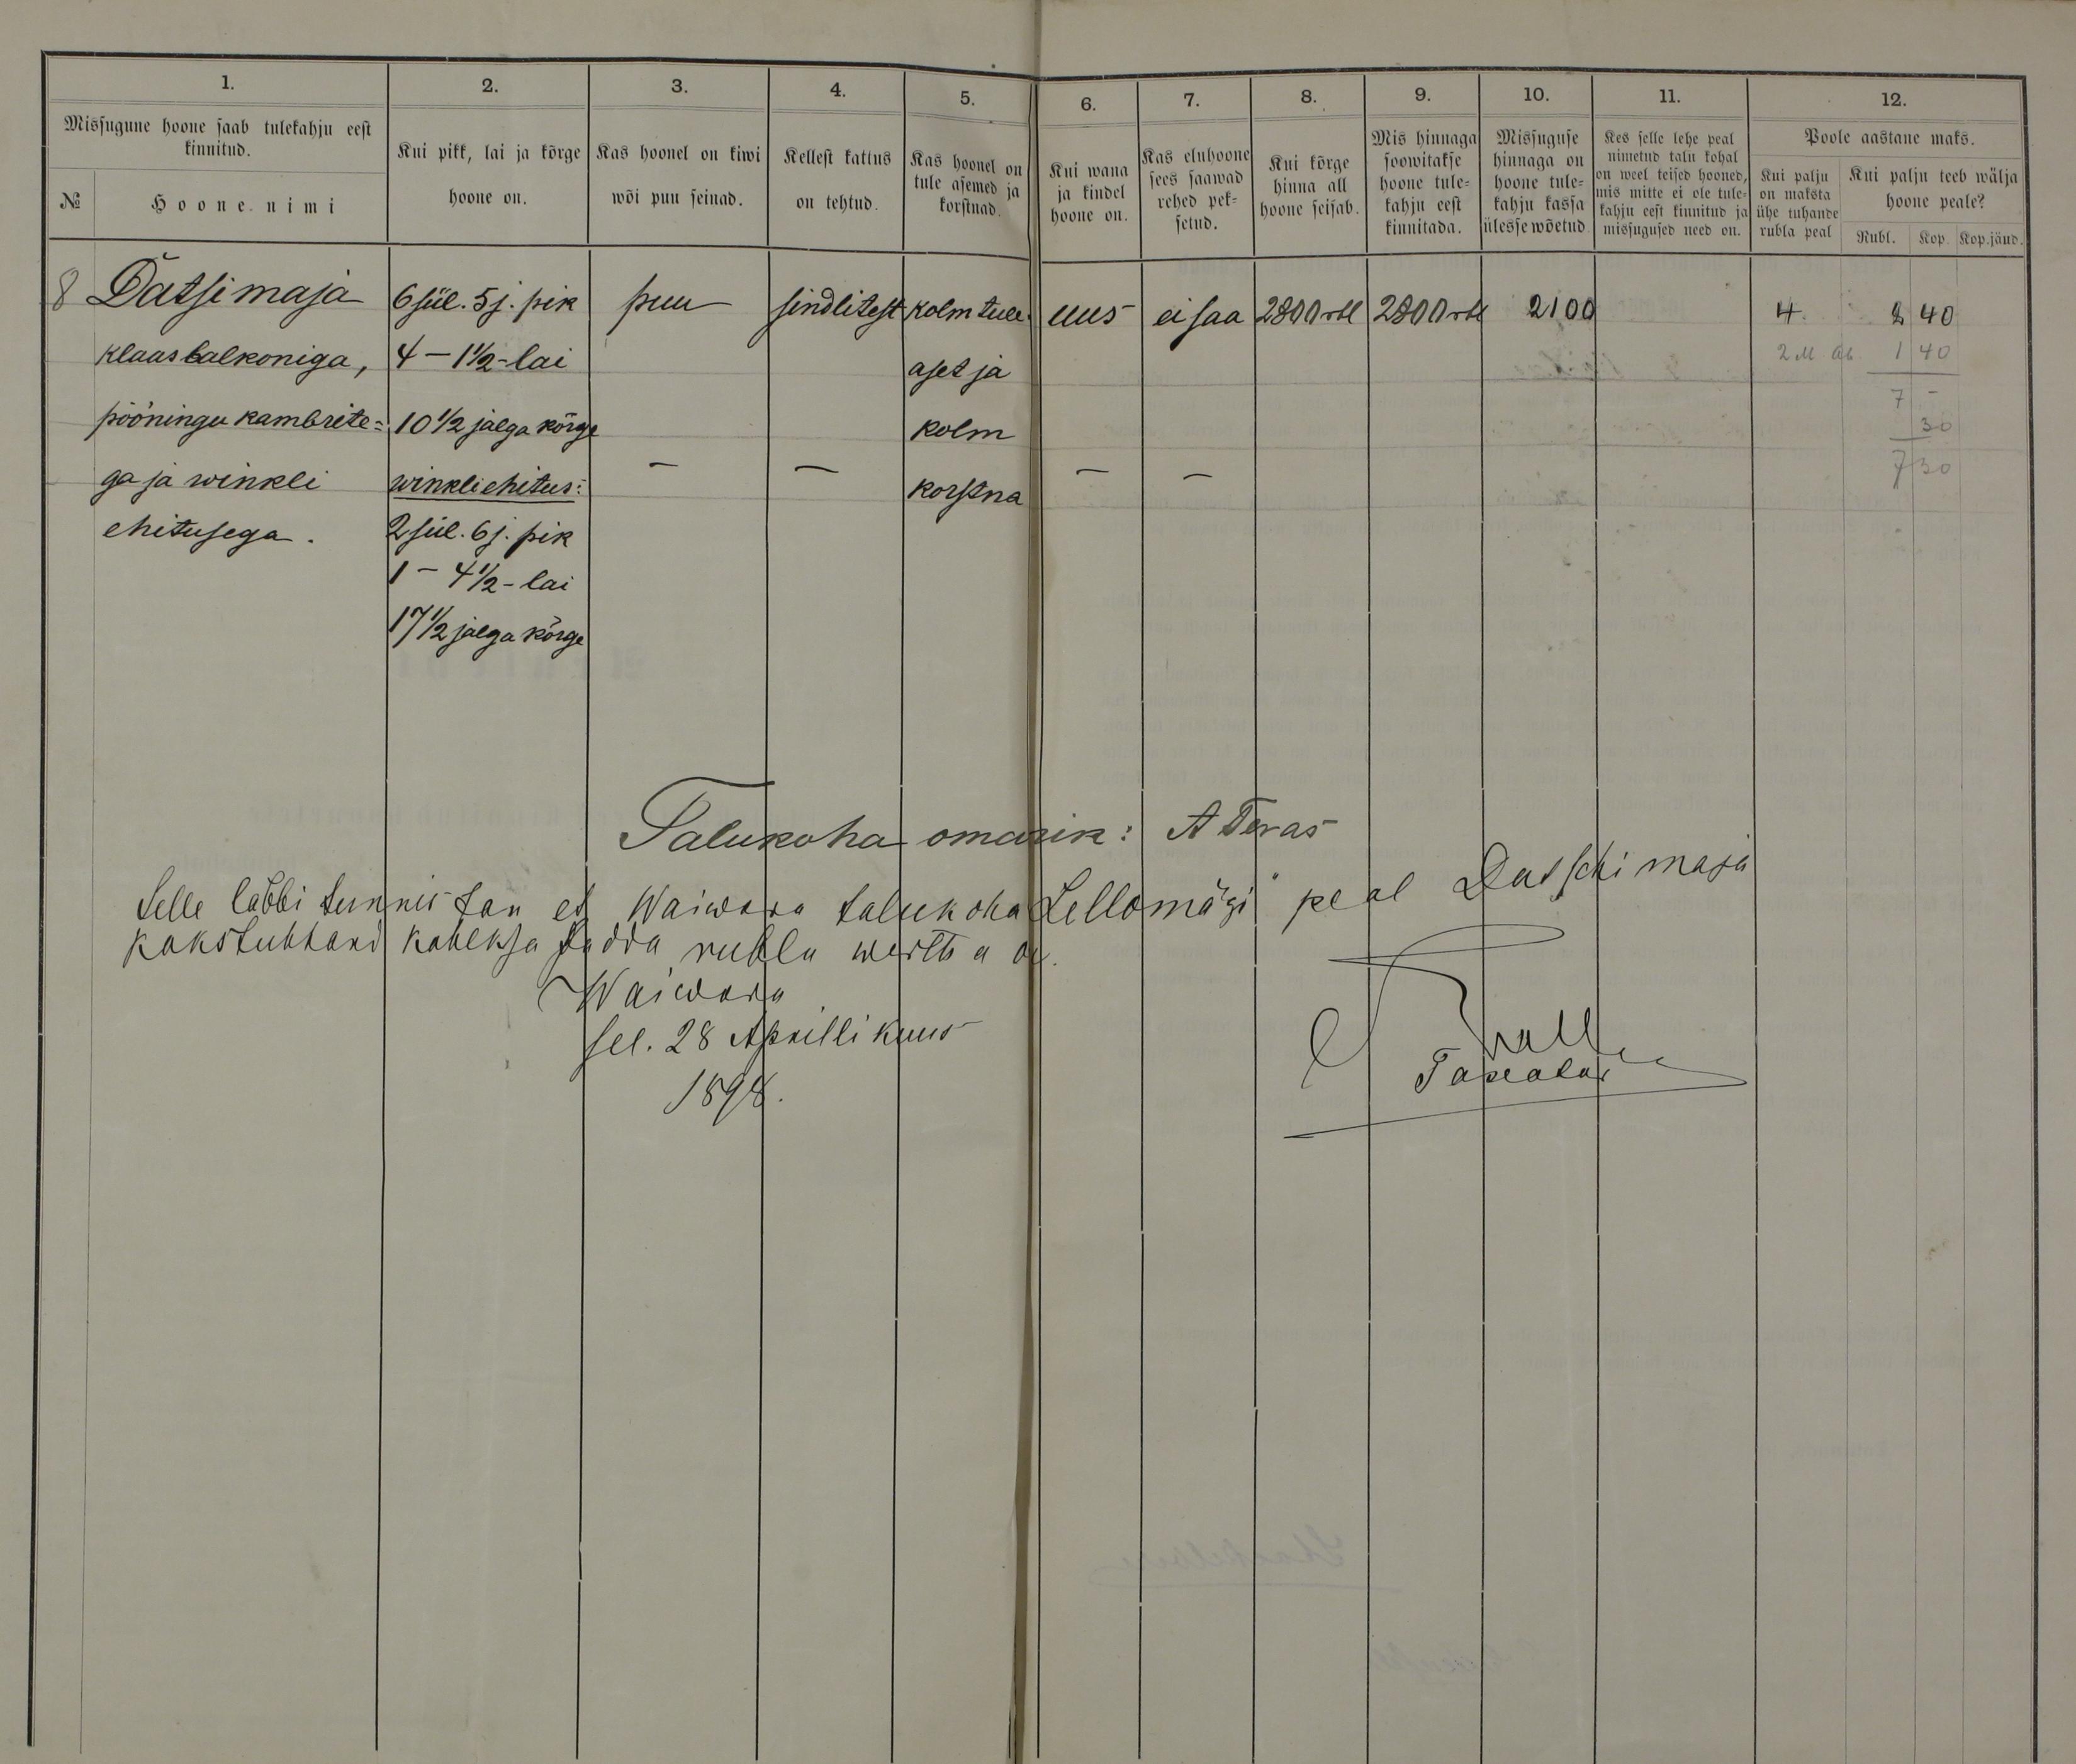 Vaivara- Lellomäe talu tulekindlustuspoliis. 1898, EAA. 3761. 1. 435